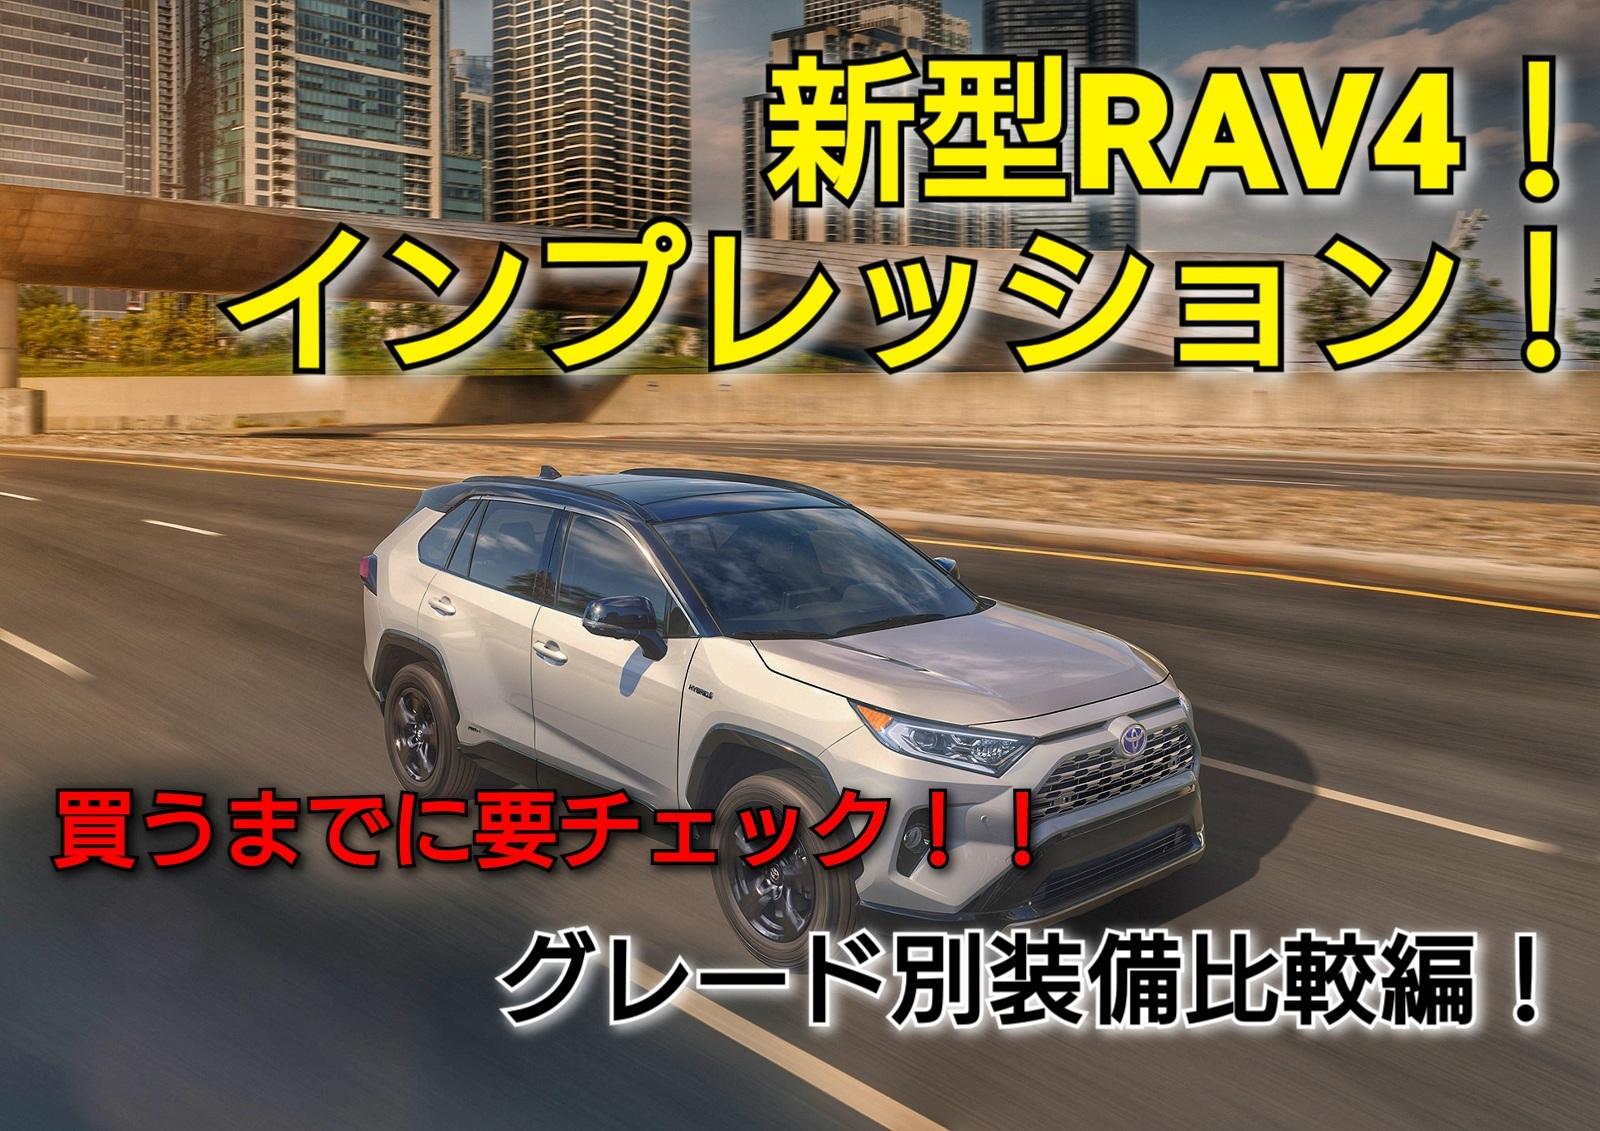 【買うまでに一度は確認!】グレード別装備比較編!新型RAV4インプレッション②!